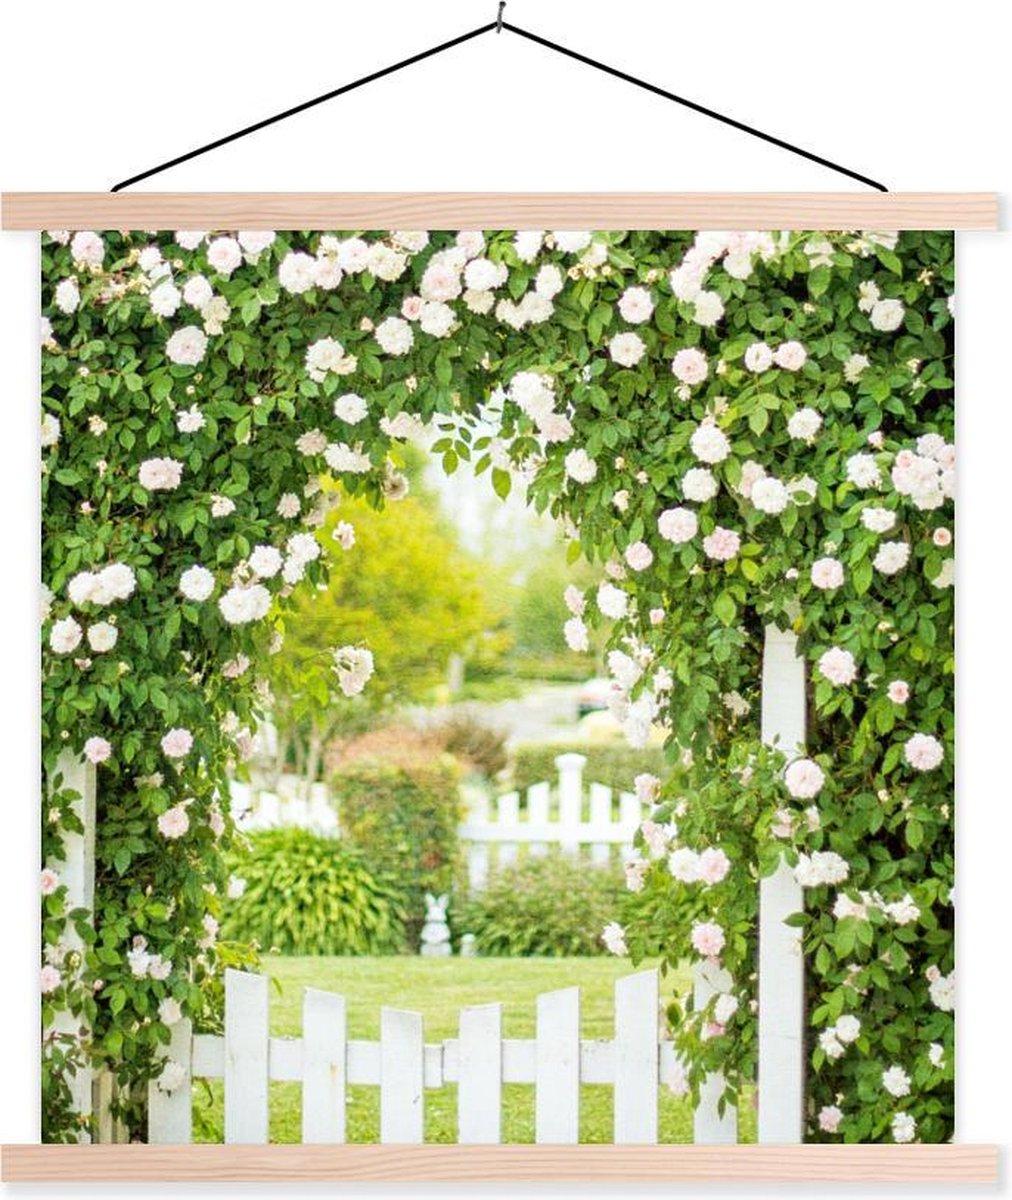 Boog met groene bladeren en witte rozen in het Amerikaanse Californi  schoolplaat platte latten blank 120x120 cm - Foto print op textielposter (wanddecoratie woonkamer/slaapkamer) - Foto print op schoolplaat (wanddecoratie woonkamer/slaapkamer)